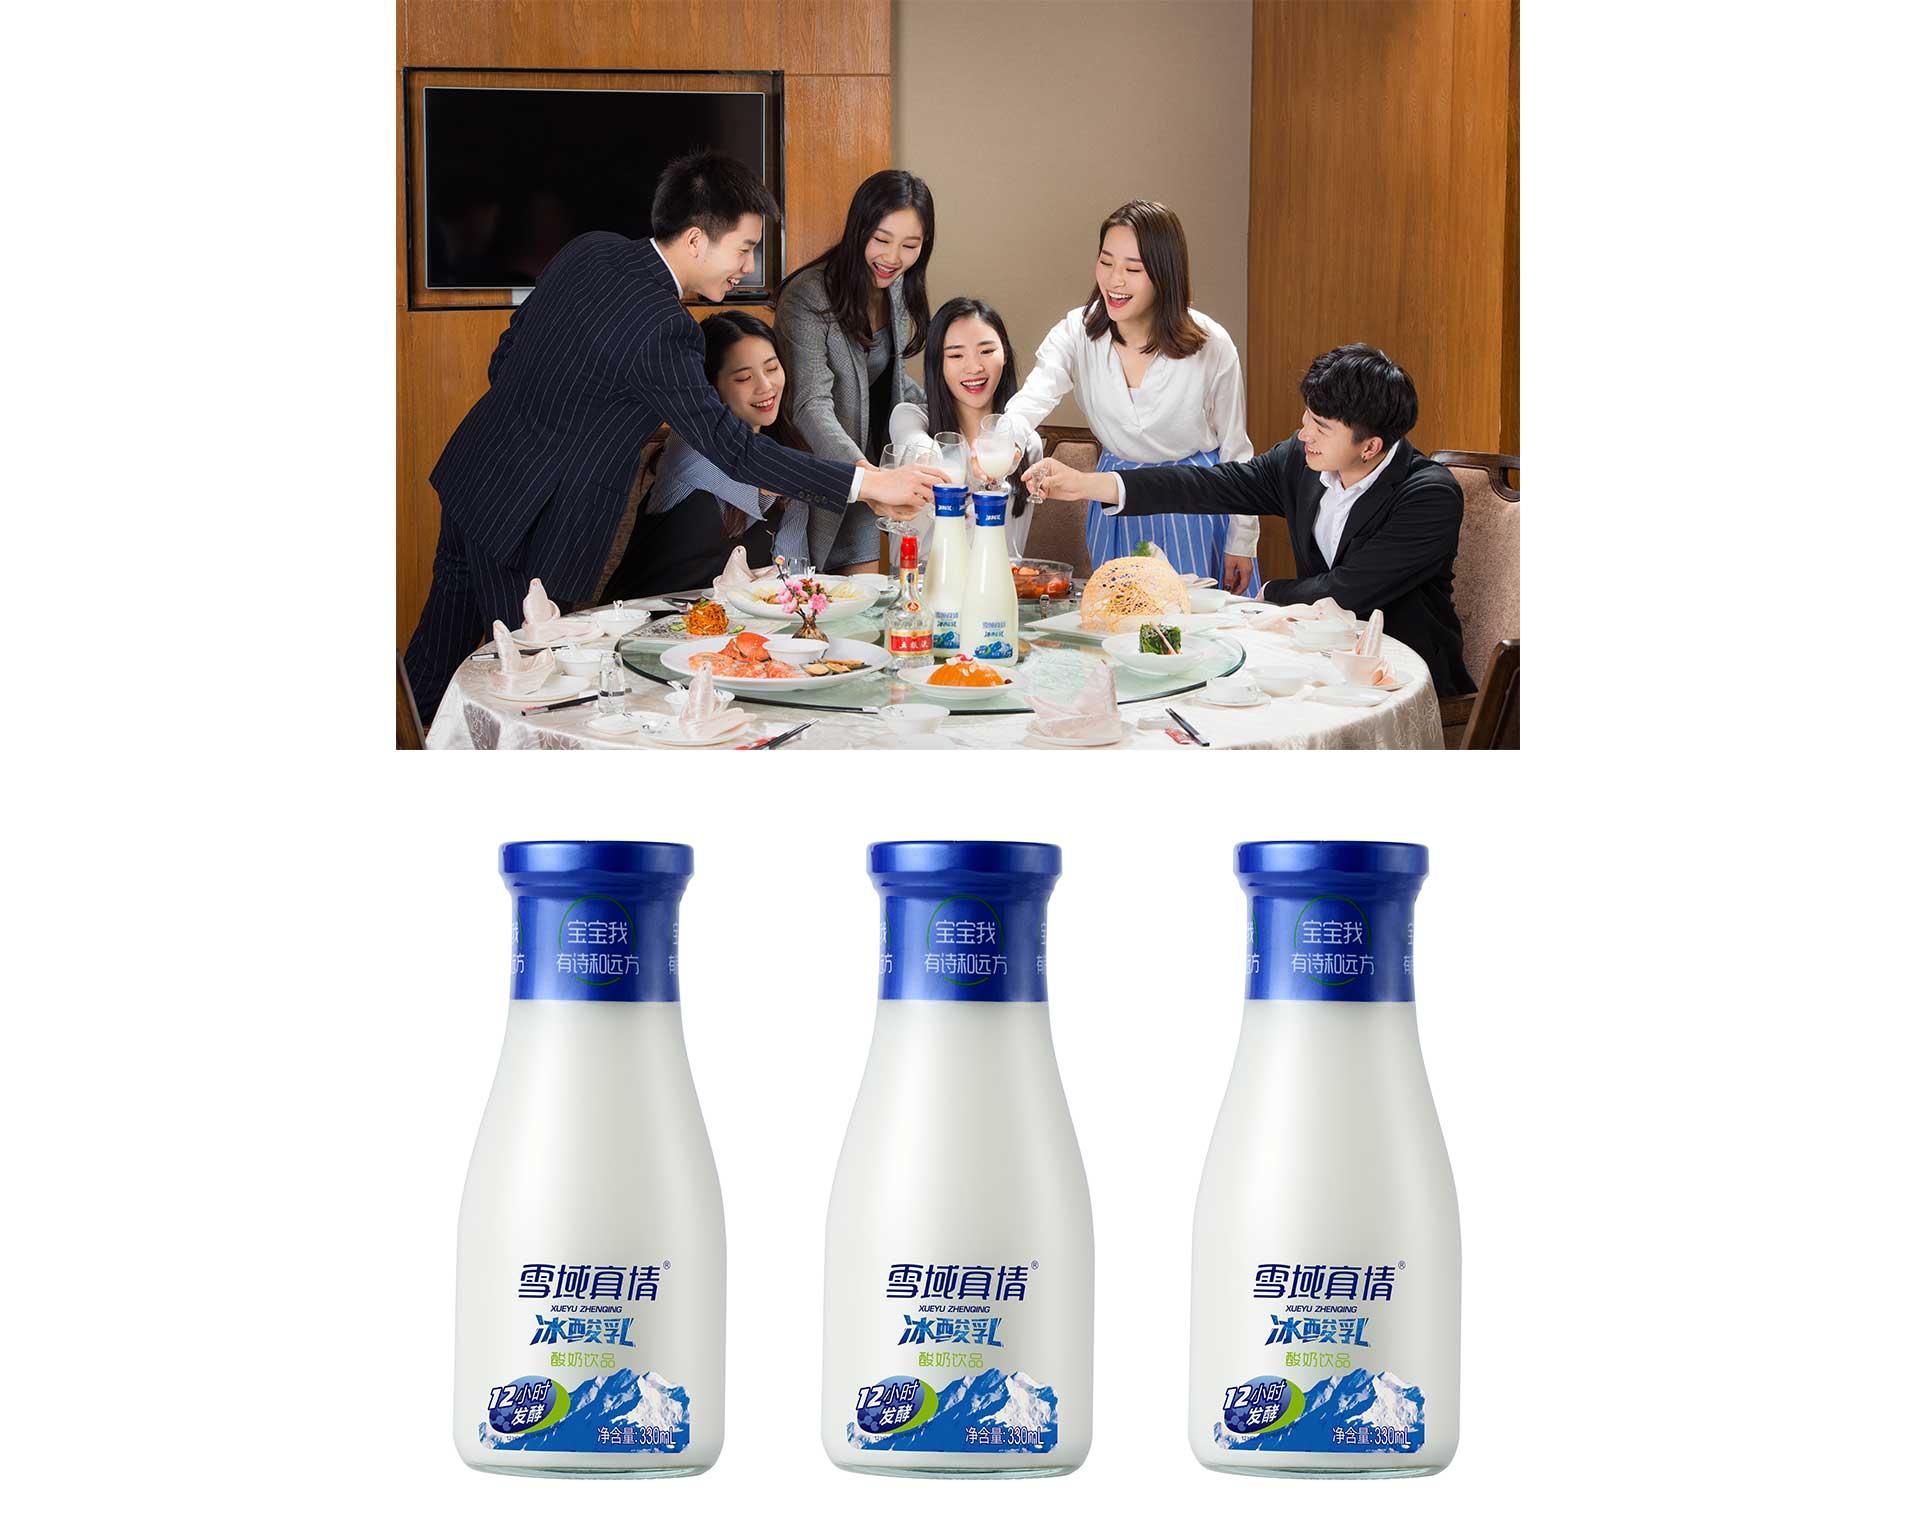 快消加盟-原生态奶源,12小时发酵,好喝!-找加盟就上小宝招商